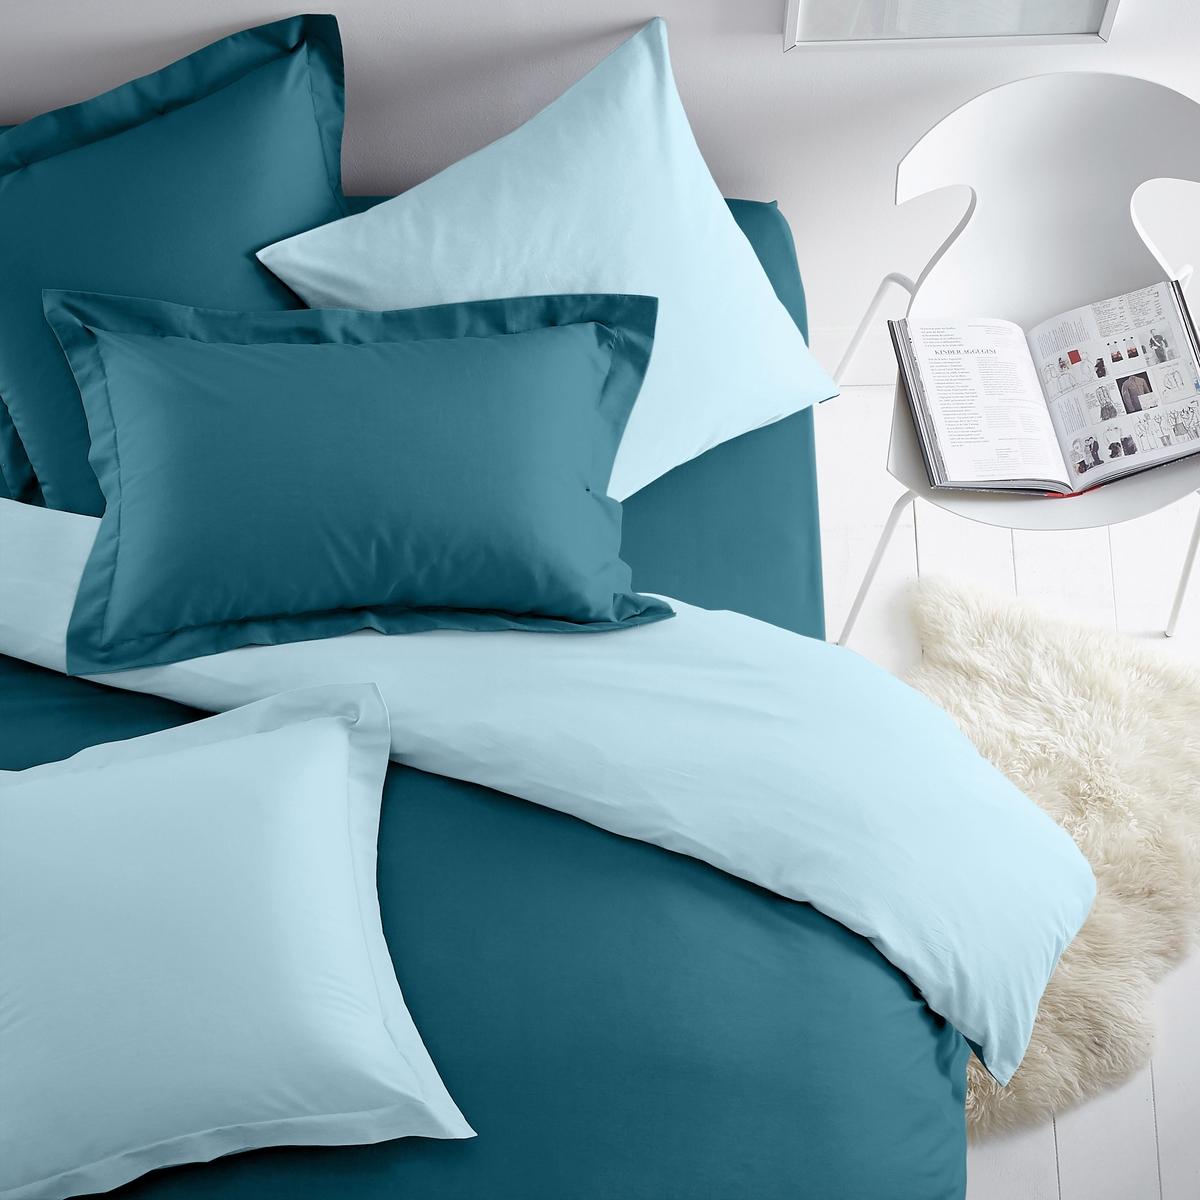 Наволочка двухцветная из хлопка/полиэстераДвусторонняя наволочка для использования в сочетании с постельным бельем из коллекции  SCENARIO !Плотная ткань (57 нитей/cм?). Чем плотнее переплетение нитей/см?, тем выше качество материала.Характеристики двухцветной наволочки из хлопка и полиэстера :Плотная ткань (57 нитей/cм?). Чем плотнее переплетение нитей/см?, тем выше качество материала.- Наволочка квадратной формы (с плоским воланом или без него) и наволочка прямоугольной формы из ткани: 50% хлопка, 50% полиэстера, с плотным переплетением нитей. Удобная и прочная наволочка.- Превосходная стойкость цвета при стирке (60°C).- Быстро сохнет. Легко гладить.Знак Oeko-Tex® гарантирует отсутствие вредных для здоровья человека веществ в протестированных и сертифицированных изделиях.Наволочка :50 x 70 см : Прямоугольная наволочка с воланом 63 x 63 см : Квадратная наволочка64 x 64 : Квадратная наволочка с воланом Комплекты постельного белья серии SC?NARIO BICOLORE ищите на нашем сайте laredoute.ru<br><br>Цвет: сине-зеленый/зелено-синий